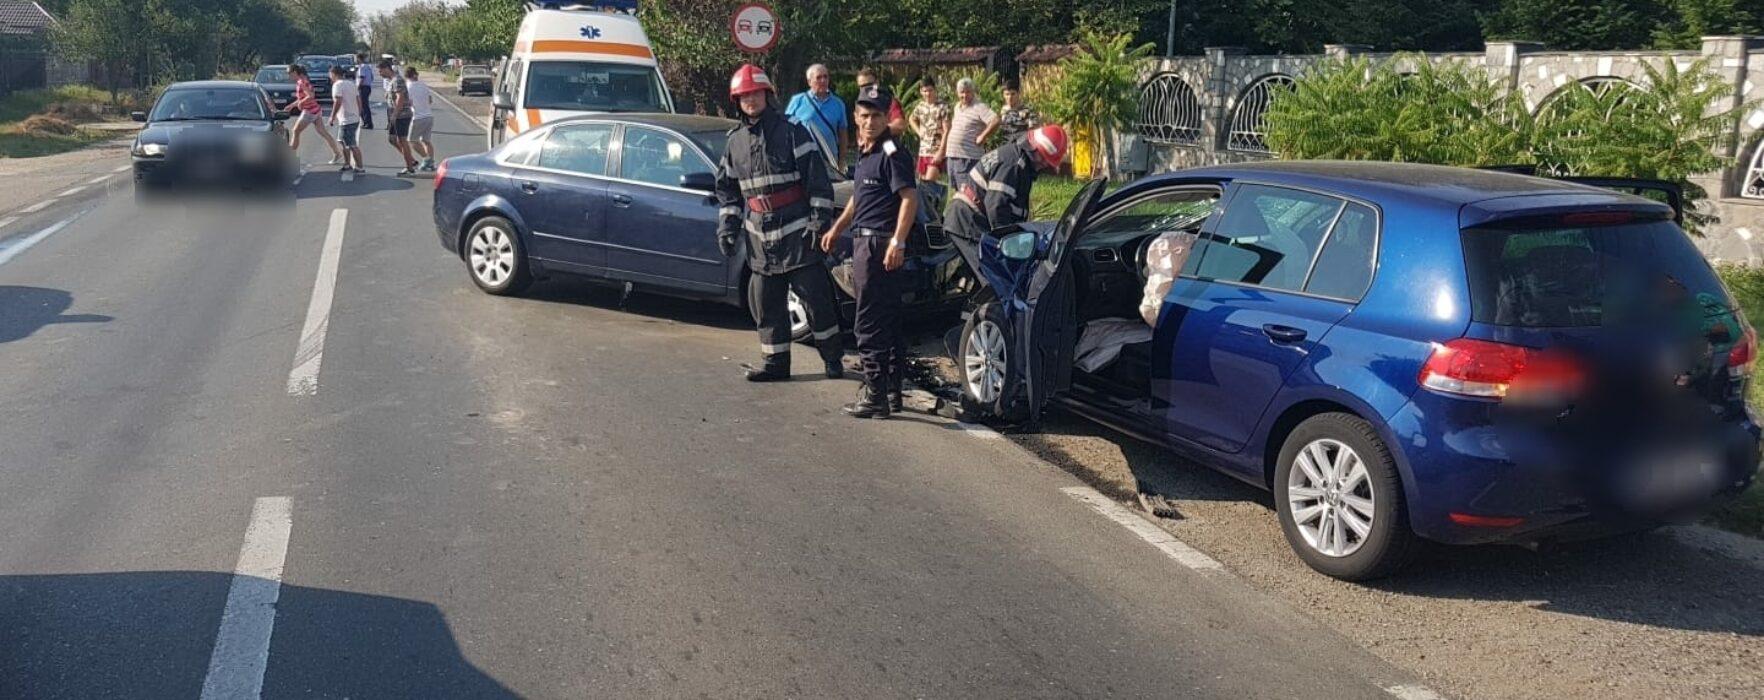 Dâmboviţa: Accident cu cinci răniţi pe DN 71 la Bâldana, un şofer a adormit la volan